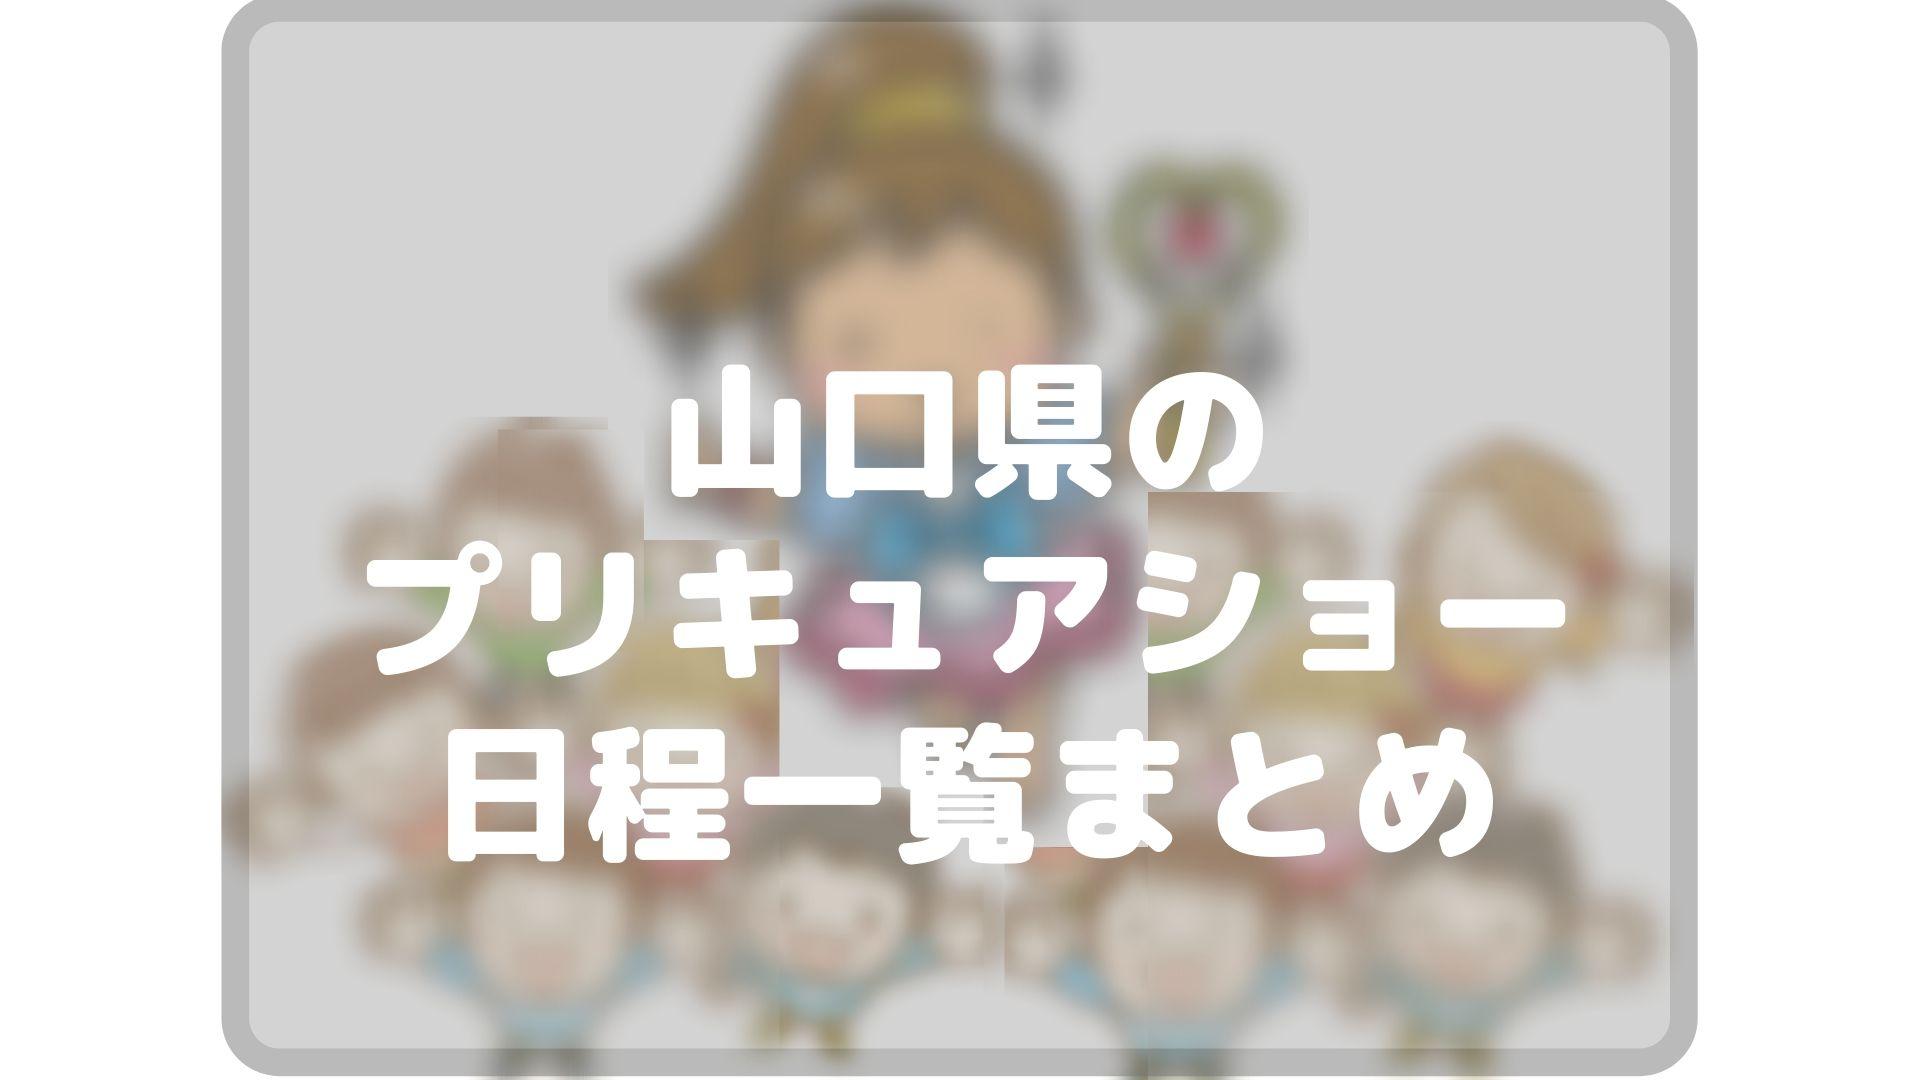 山口県のプリキュアショーまとめタイトル画像